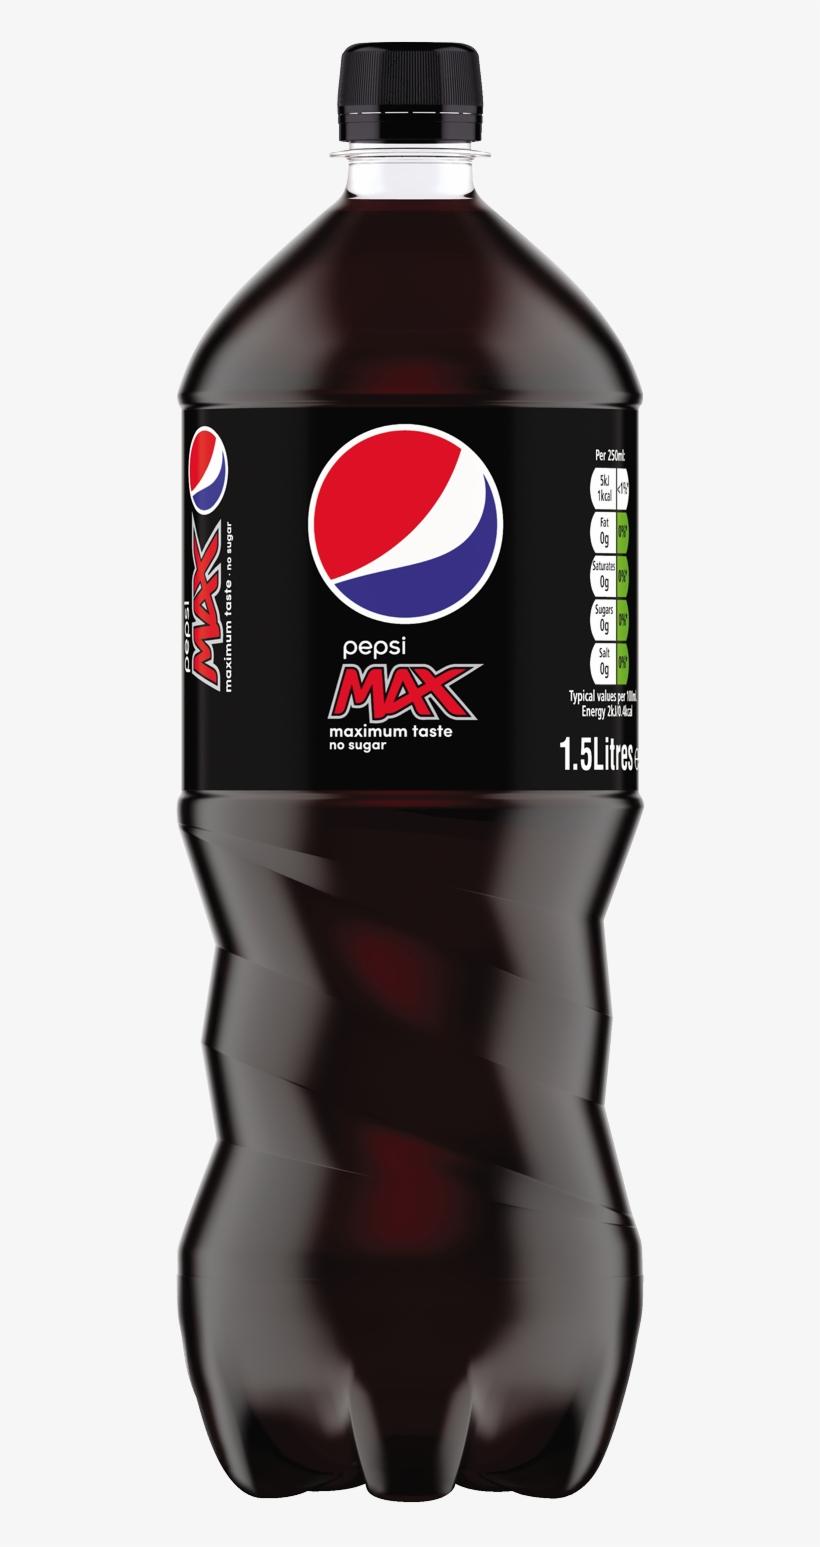 1.5 Litre Pepsi Max.